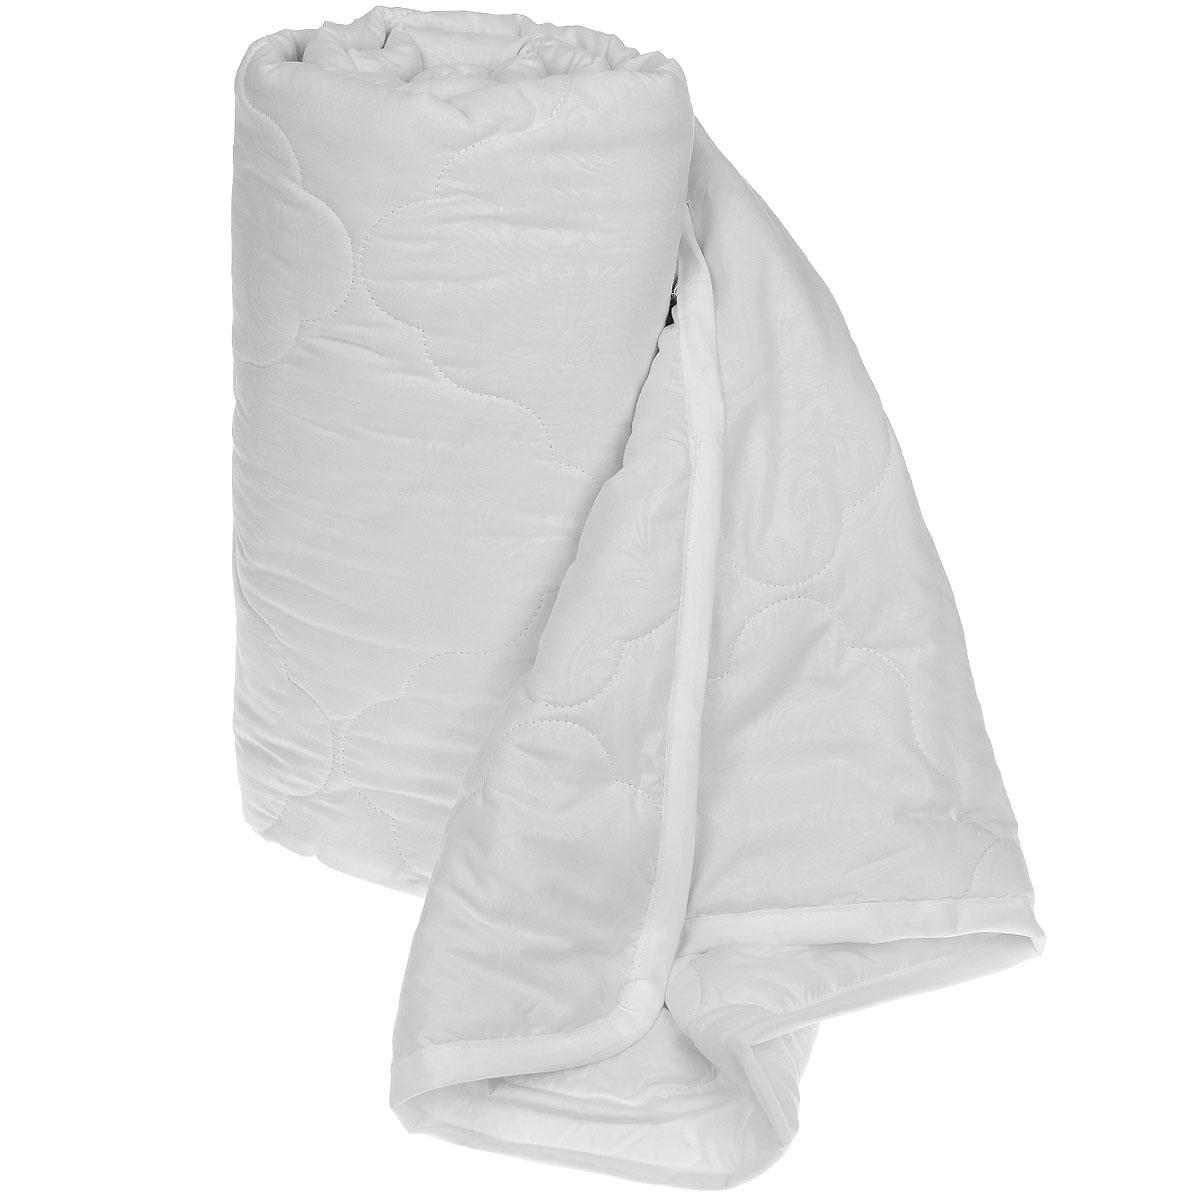 Одеяло Sova & Javoronok Бамбук, наполнитель: бамбуковое волокно, цвет: белый, 172 х 205 смS03301004Одеяло Sova & Javoronok Бамбук подарит комфорт и уют во время сна. Чехол, выполненный из микрофибры (100% полиэстера), оформлен стежкой и надежно удерживает наполнитель внутри. Волокно на основе бамбука - инновационный наполнитель, обладающий за счет своей пористой структуры хорошей воздухонепроницаемостью и высокой гигроскопичностью, обеспечивает оптимальный уровень влажности во время сна и создает чувство прохлады в жаркие дни.Антибактериальный эффект наполнителя достигается за счет содержания в нем специального компонента, а также за счет поглощения влаги, что создает сухой микроклимат, препятствующий росту бактерий. Основные свойства волокна: - хорошая терморегуляция, - свободная циркуляция воздуха, - антибактериальные свойства, - повышенная гигроскопичность, - мягкость и легкость, - удобство в эксплуатации и легкость стирки. Рекомендации по уходу: - Стирка запрещена. - Не отбеливать, не использовать хлоросодержащие моющие средства и стиральные порошки с отбеливателями.- Не выжимать в стиральной машине.- Чистка только с углеводородом, хлорным этиленом и монофтортрихлорметаном.Размер одеяла: 172 см х 205 см. Материал чехла: микрофибра (100% полиэстер). Материал наполнителя: бамбуковое волокно.